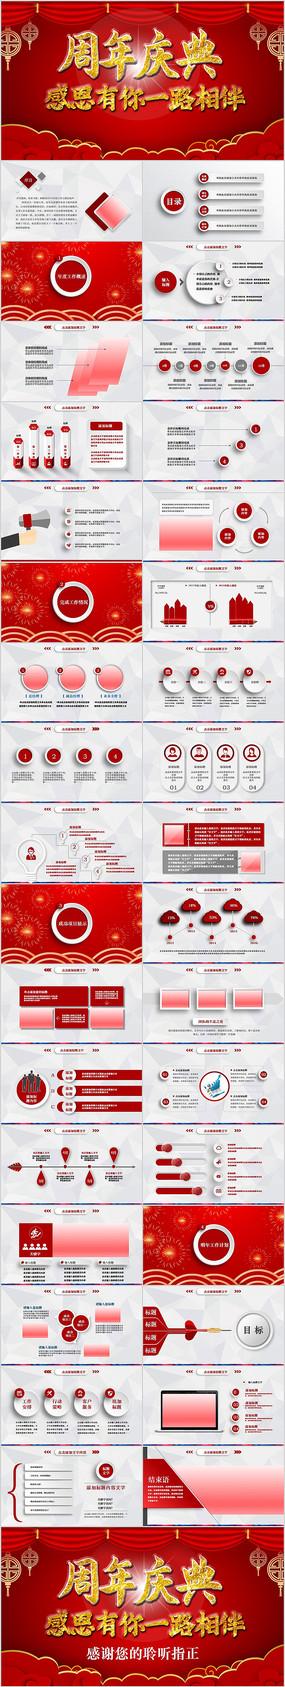 红色喜庆公司周年庆ppt模板活动策划方案